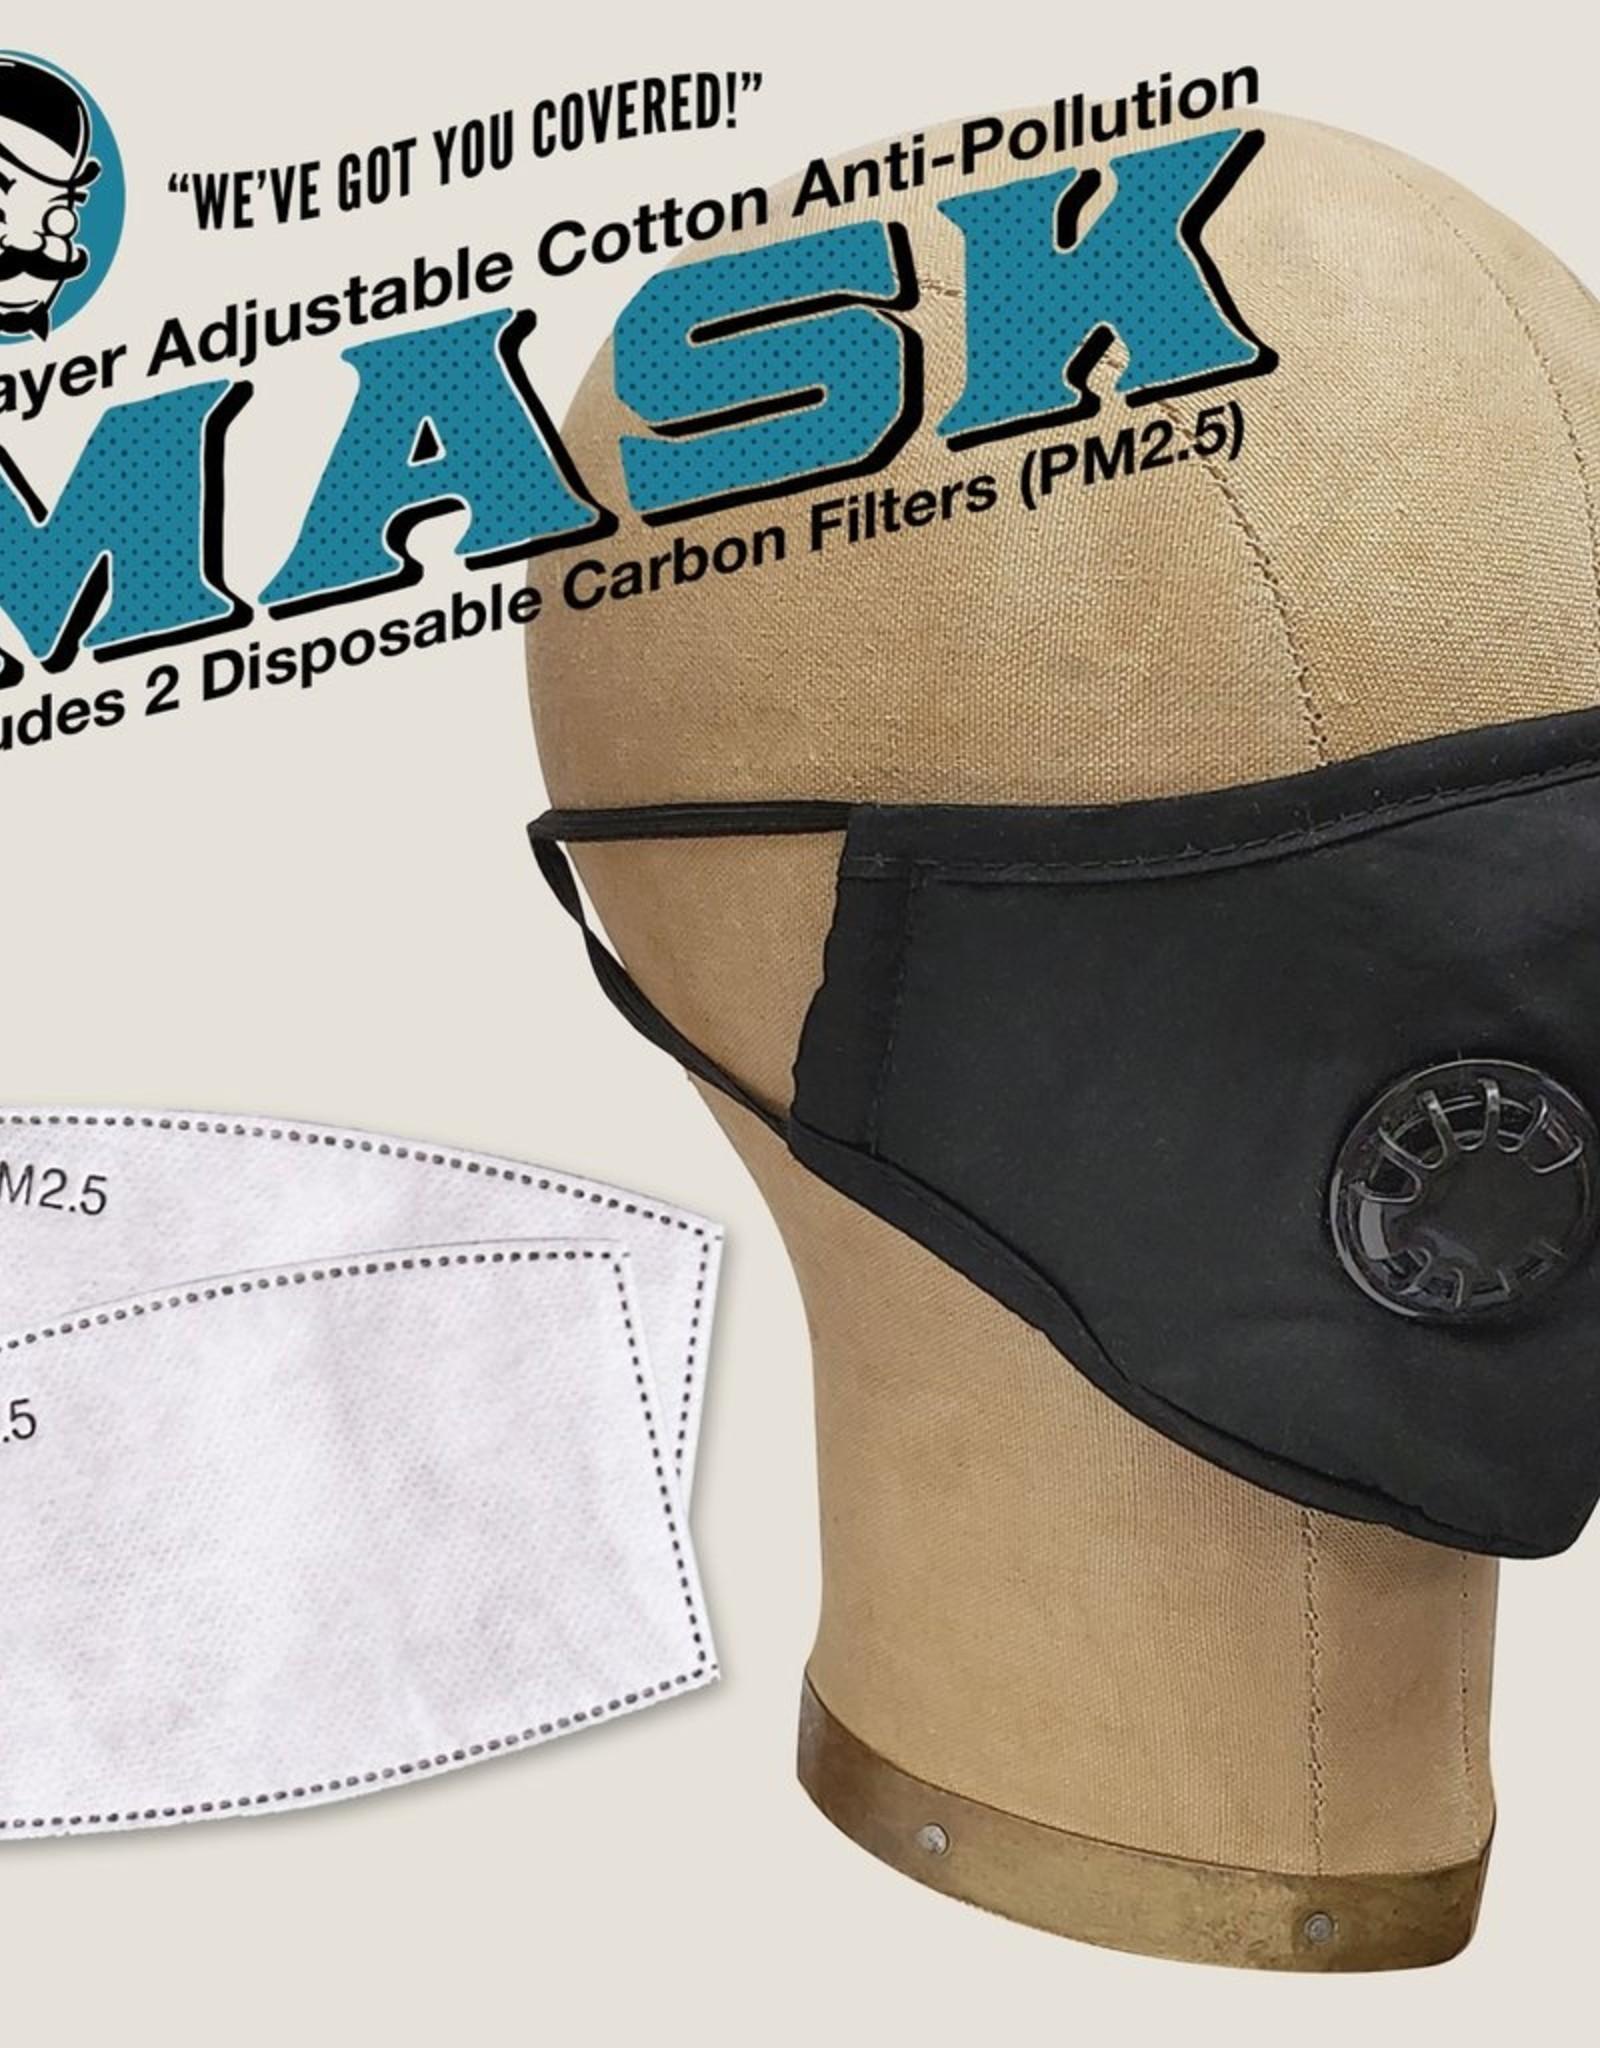 Trixie & Milo Reusable Face Mask - Black